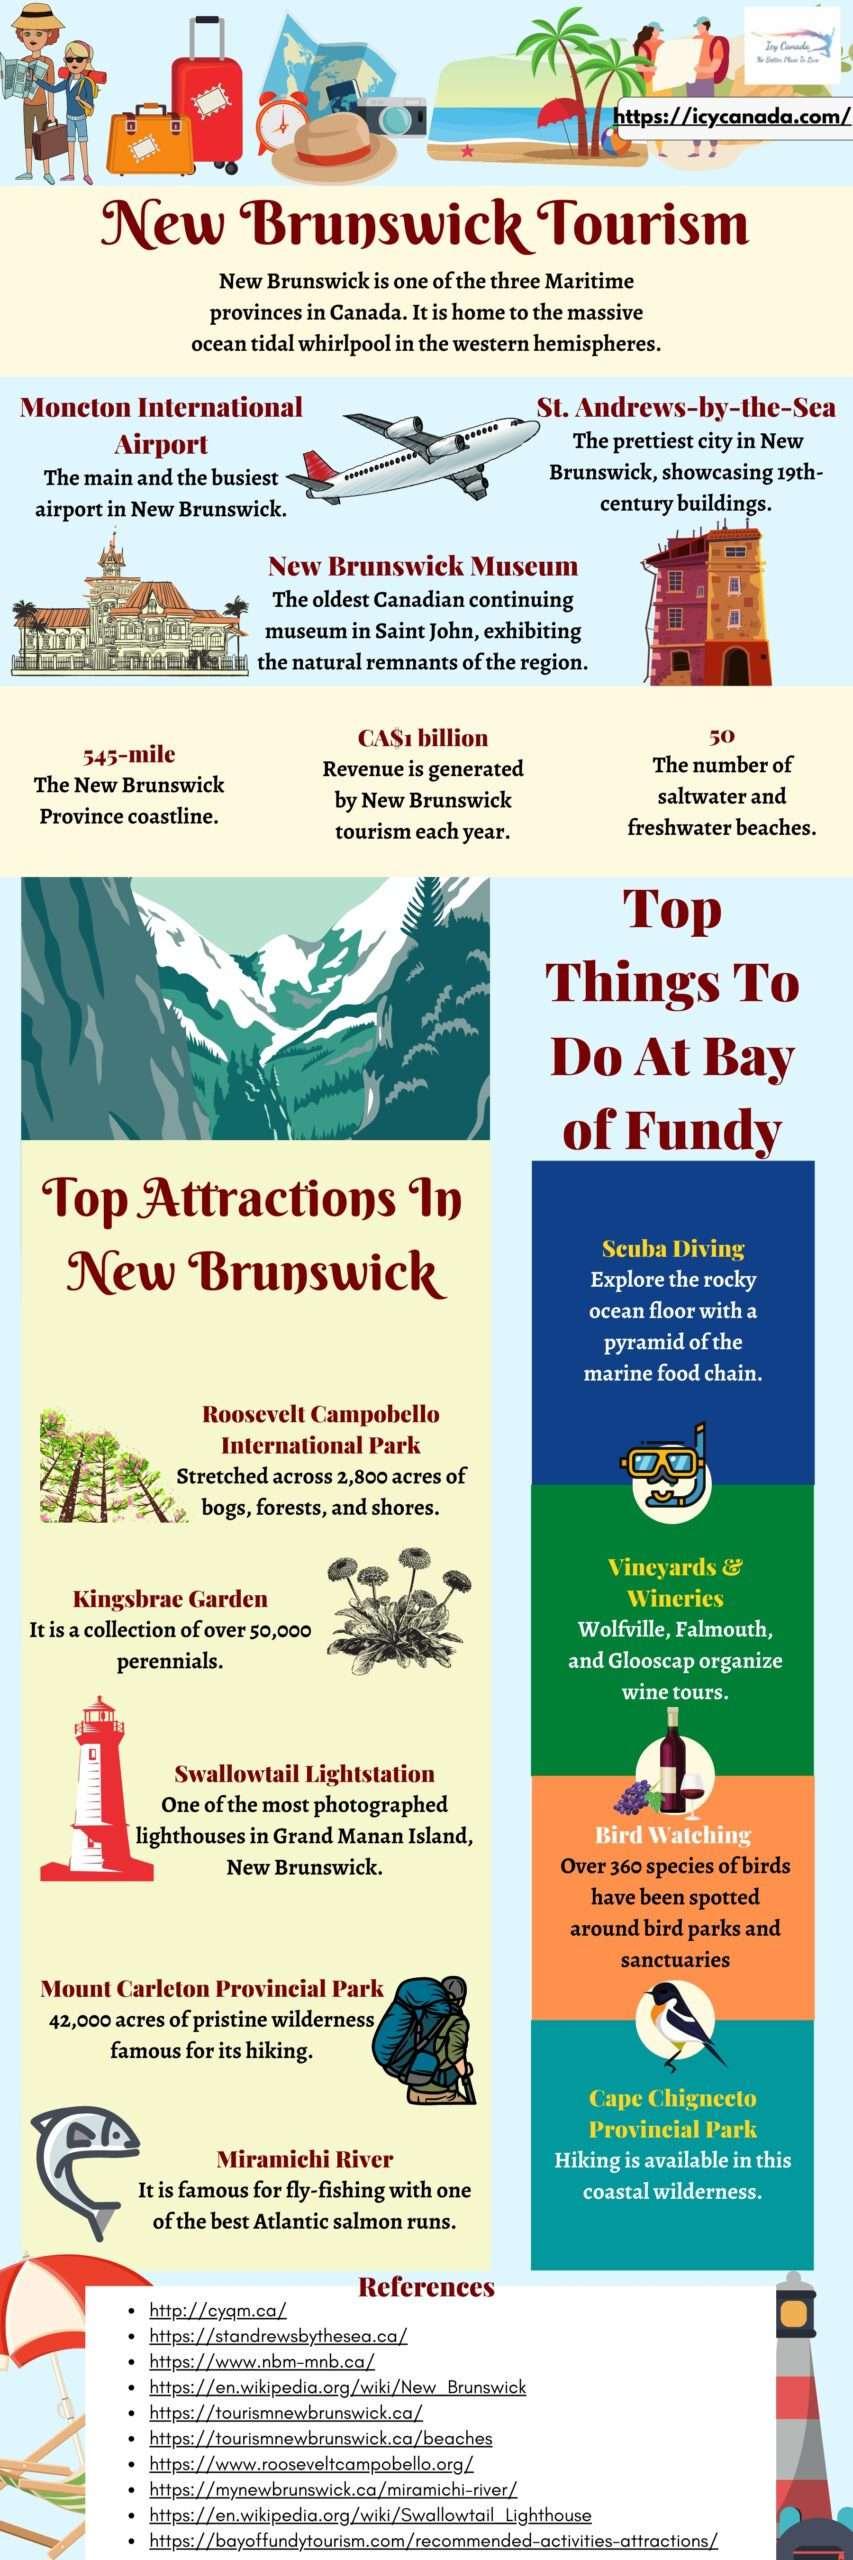 All About New Brunswick Tourism